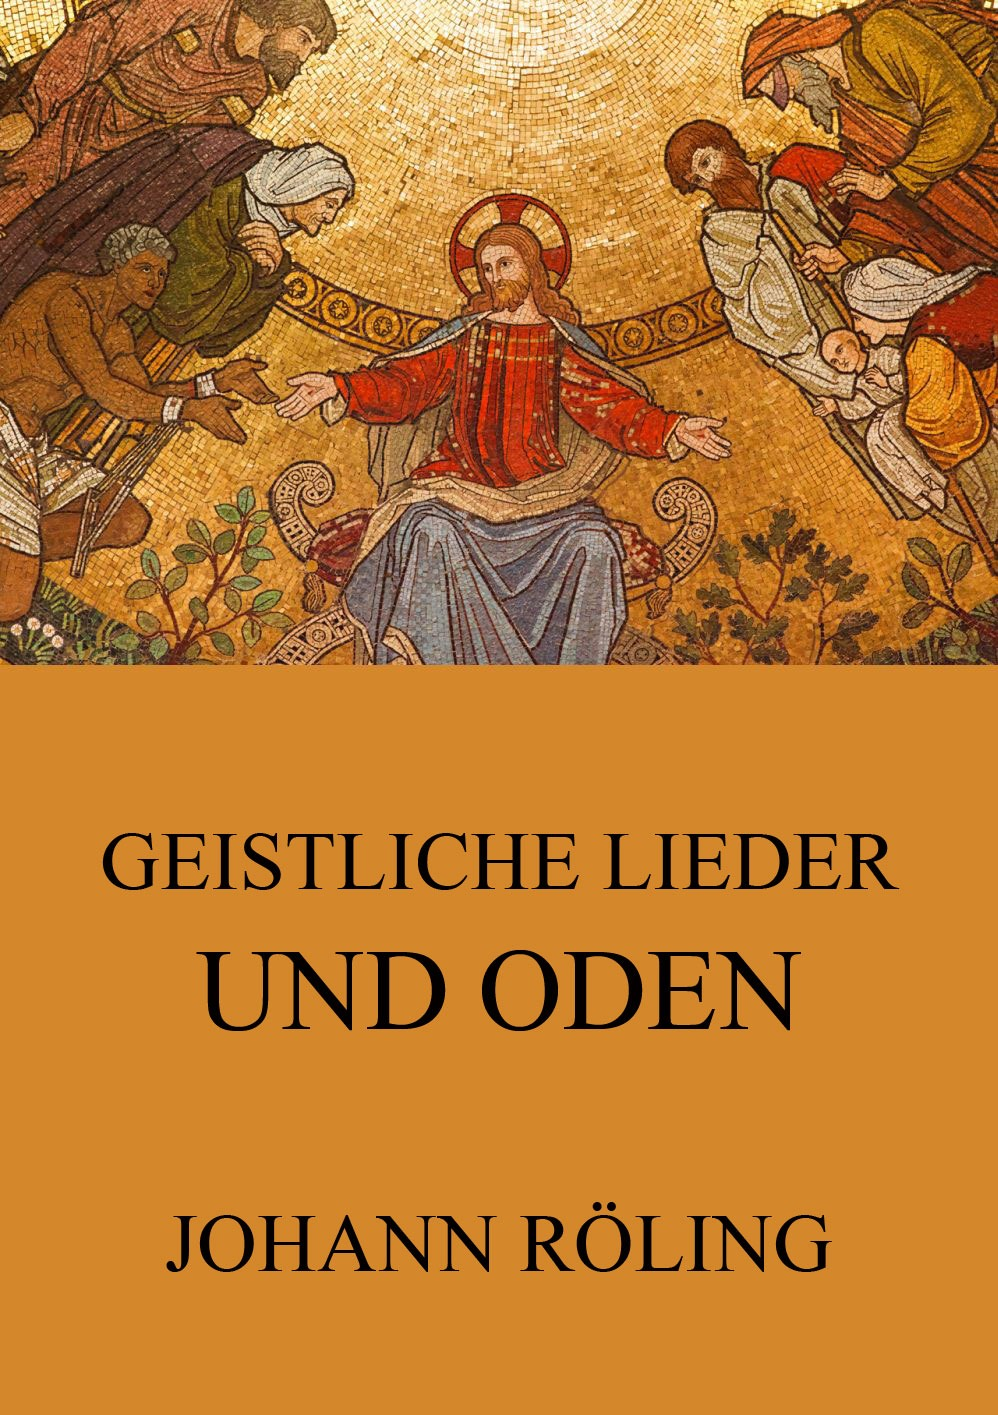 Johann Roling Geistliche Lieder und Oden johann roling geistliche lieder und oden